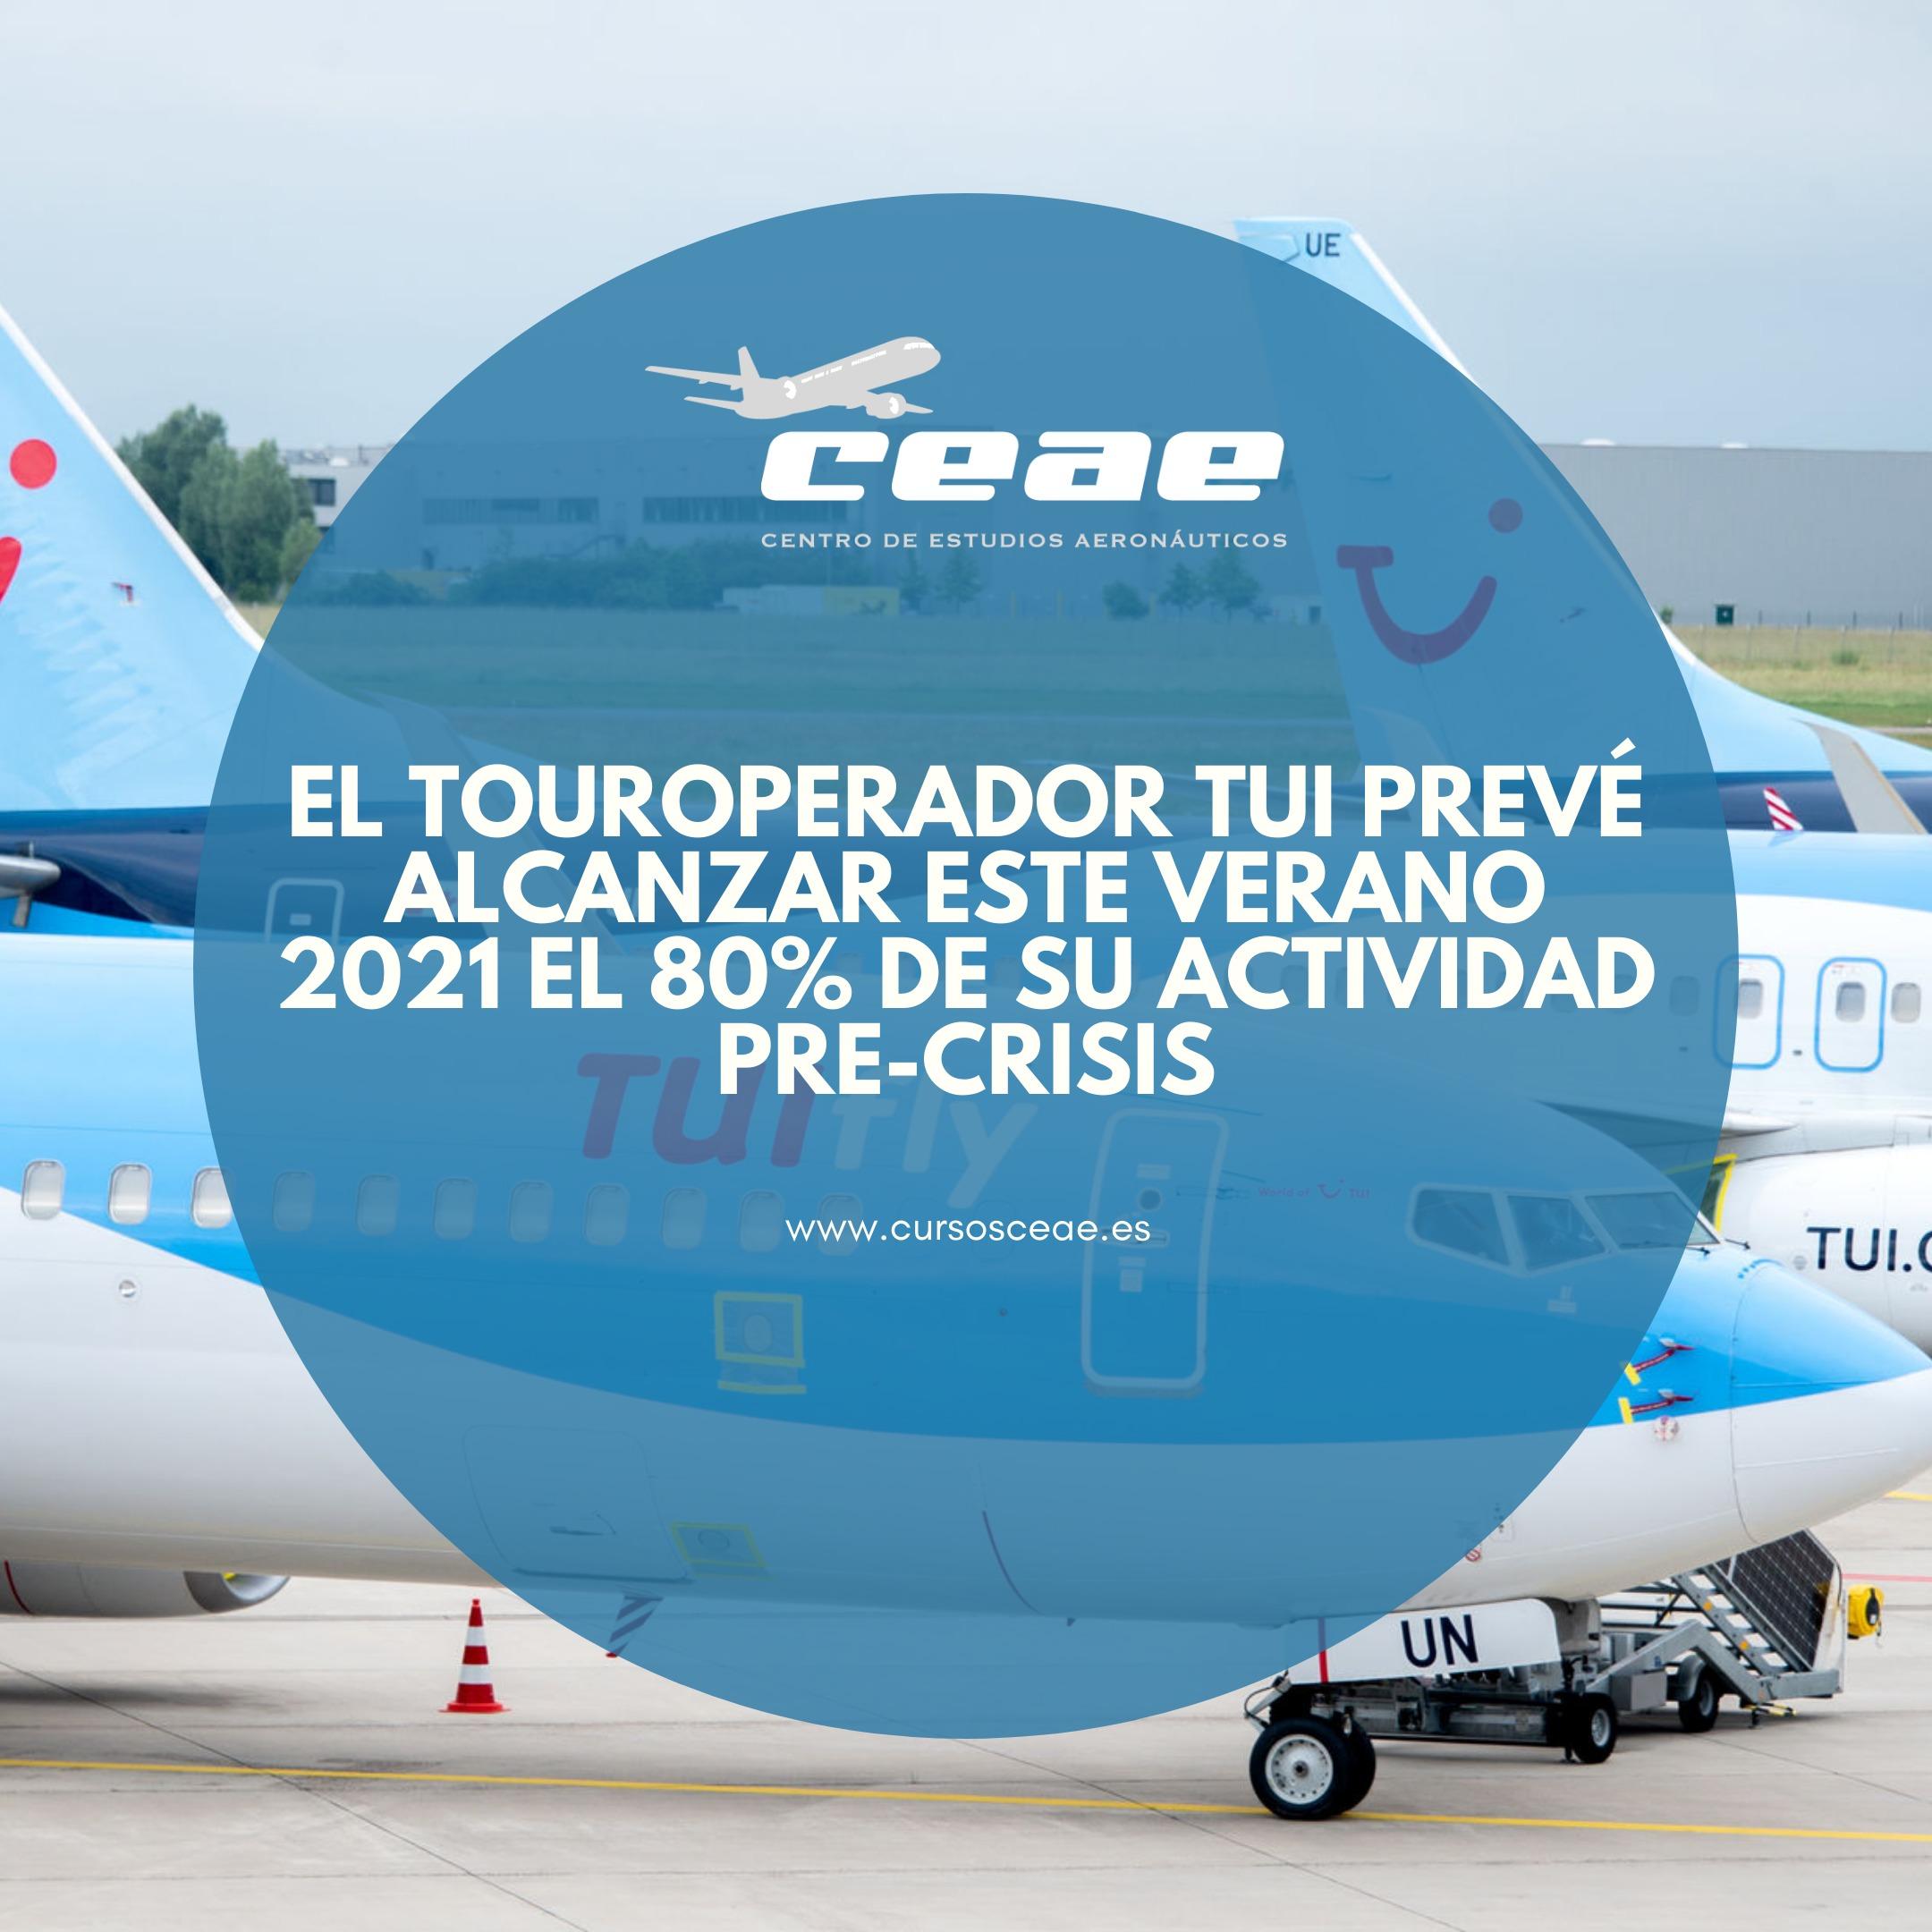 El touroperador TUI prevé alcanzar este verano 2021 el 80% de su actividad pre-crisis